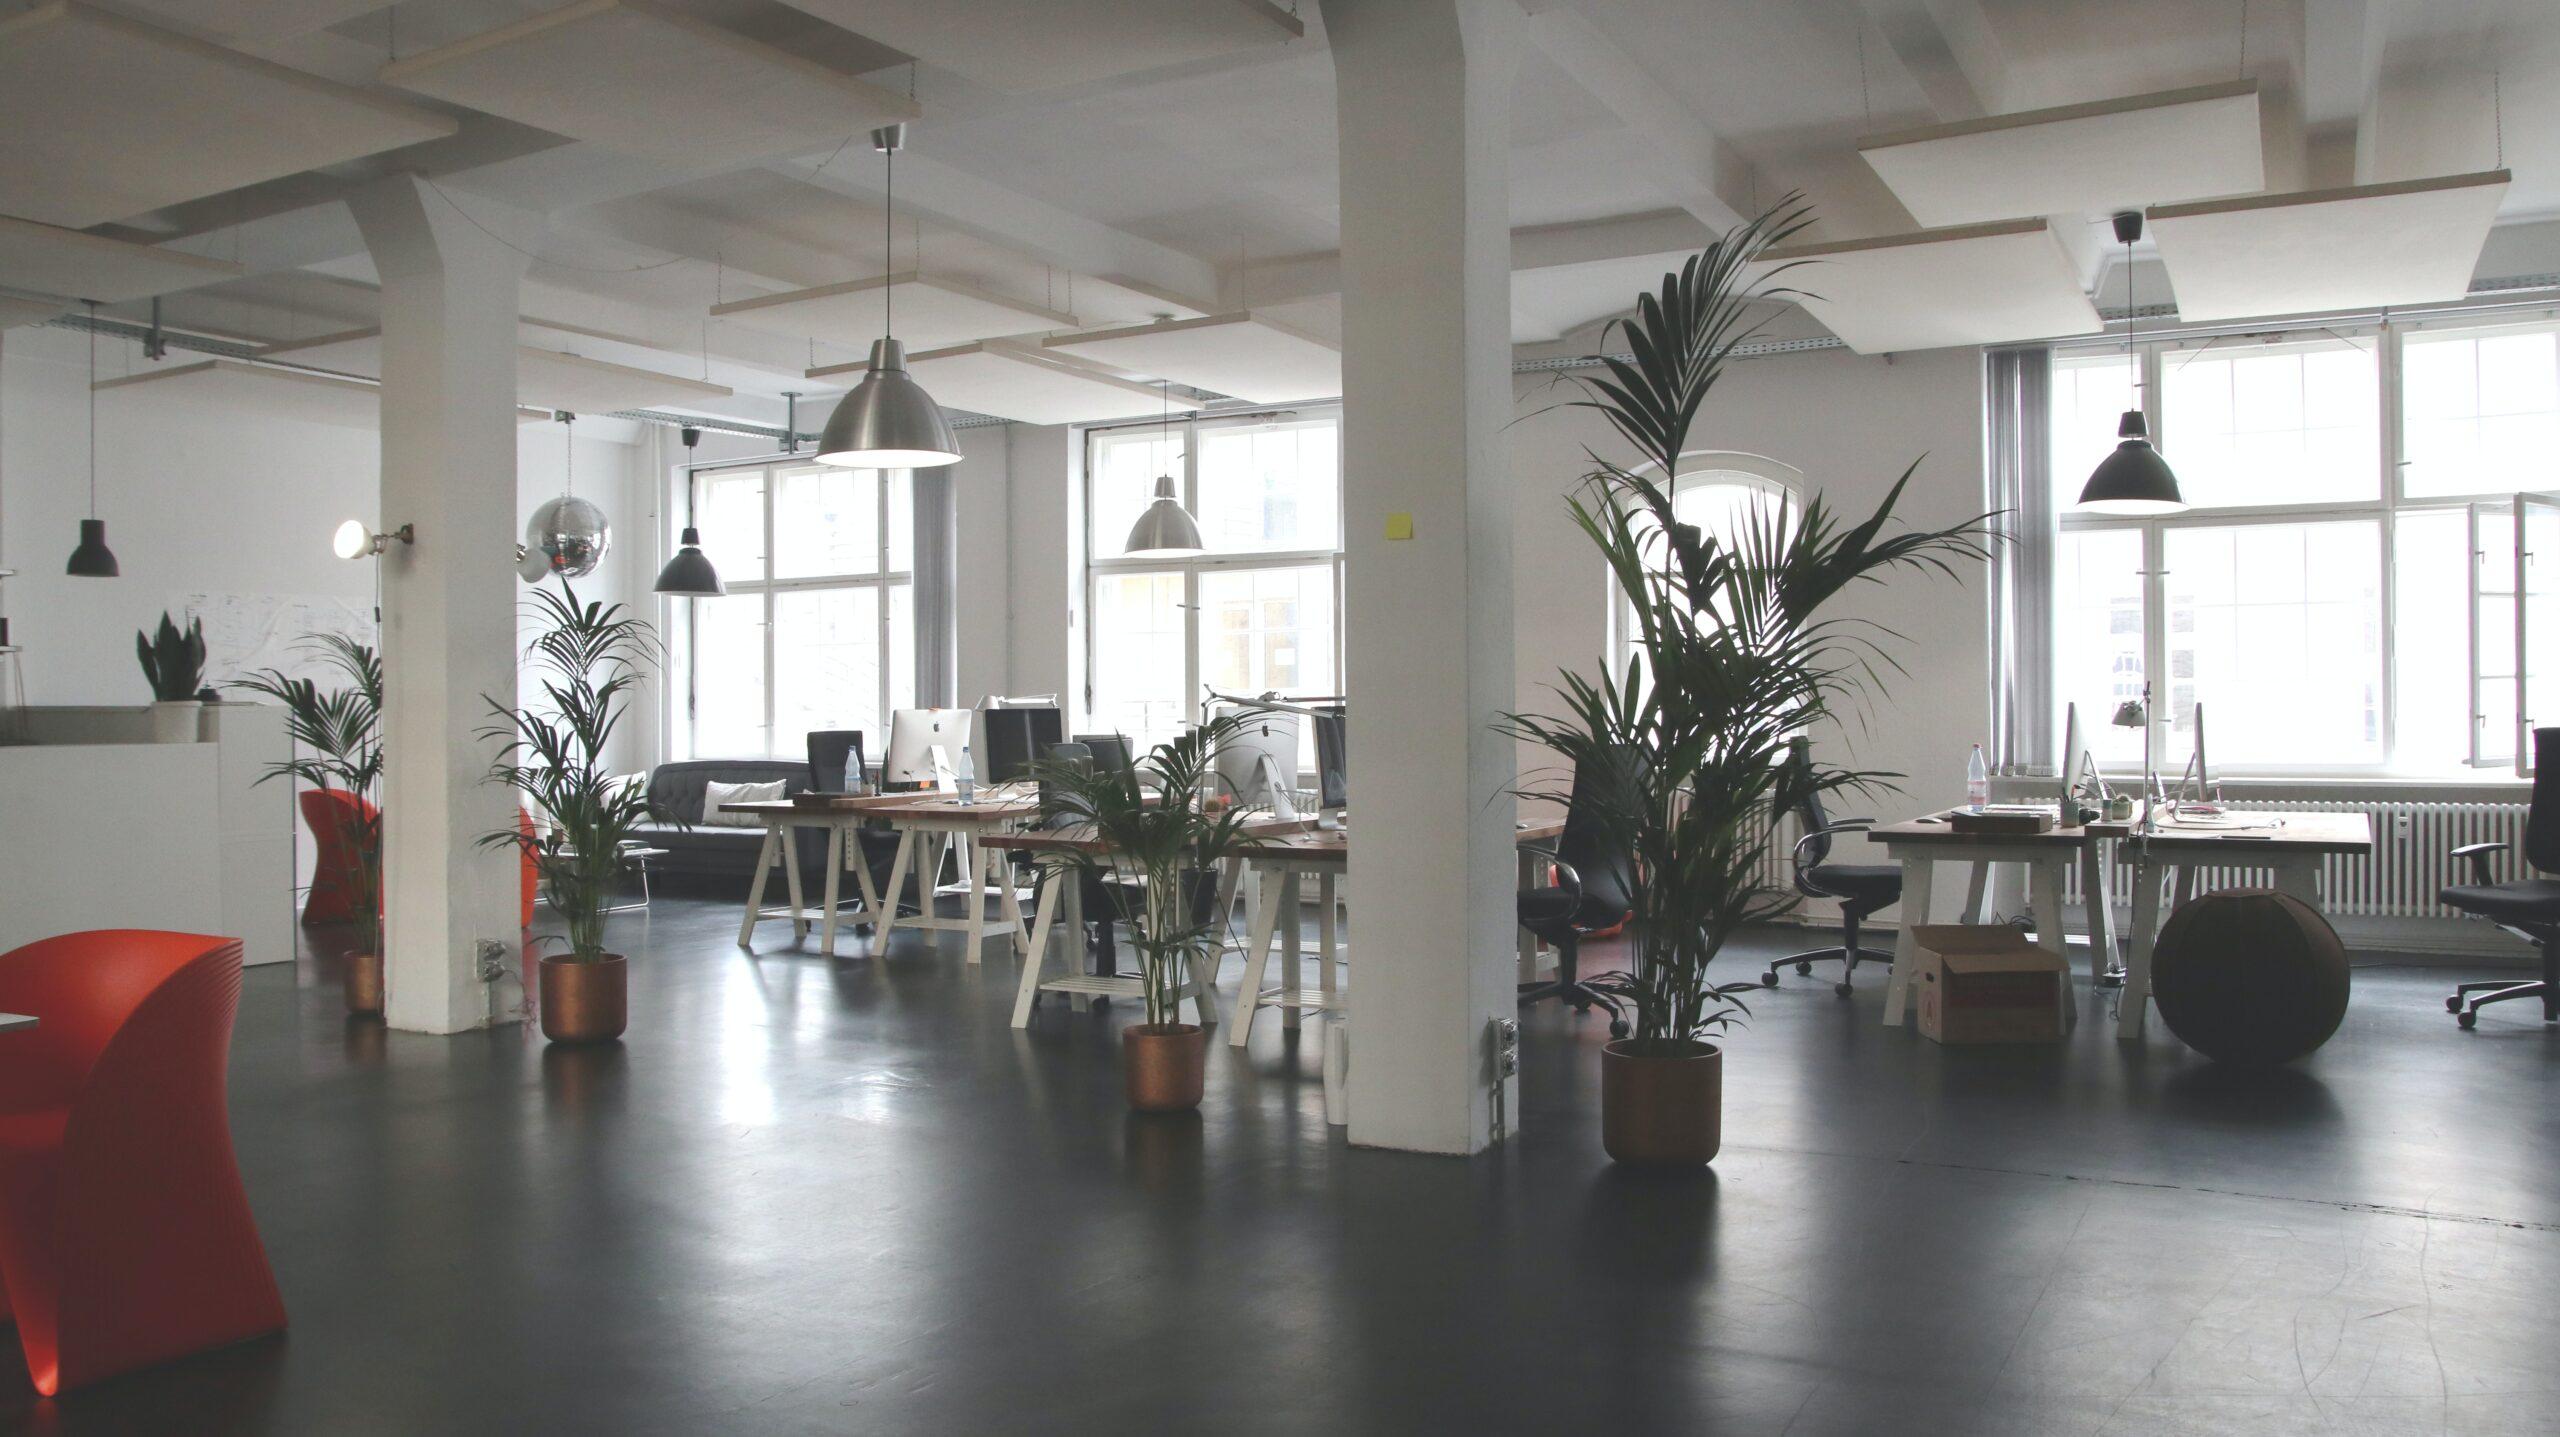 オフィスレイアウトを失敗してはいけない理由②オフィス家具の搬入に支障をきたす